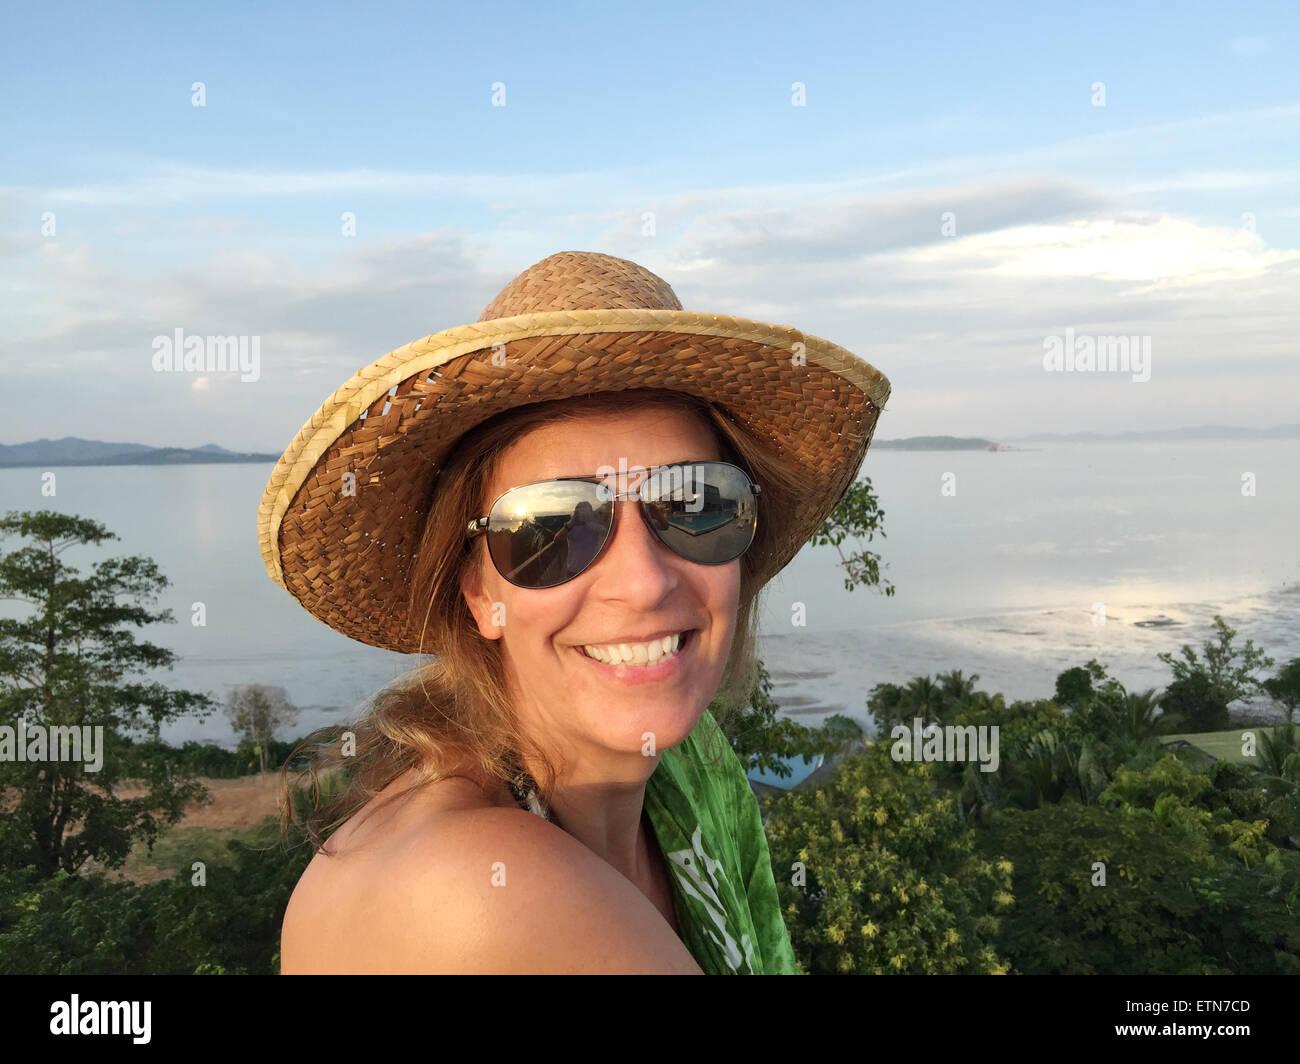 Ritratto di una donna in vacanza Immagini Stock